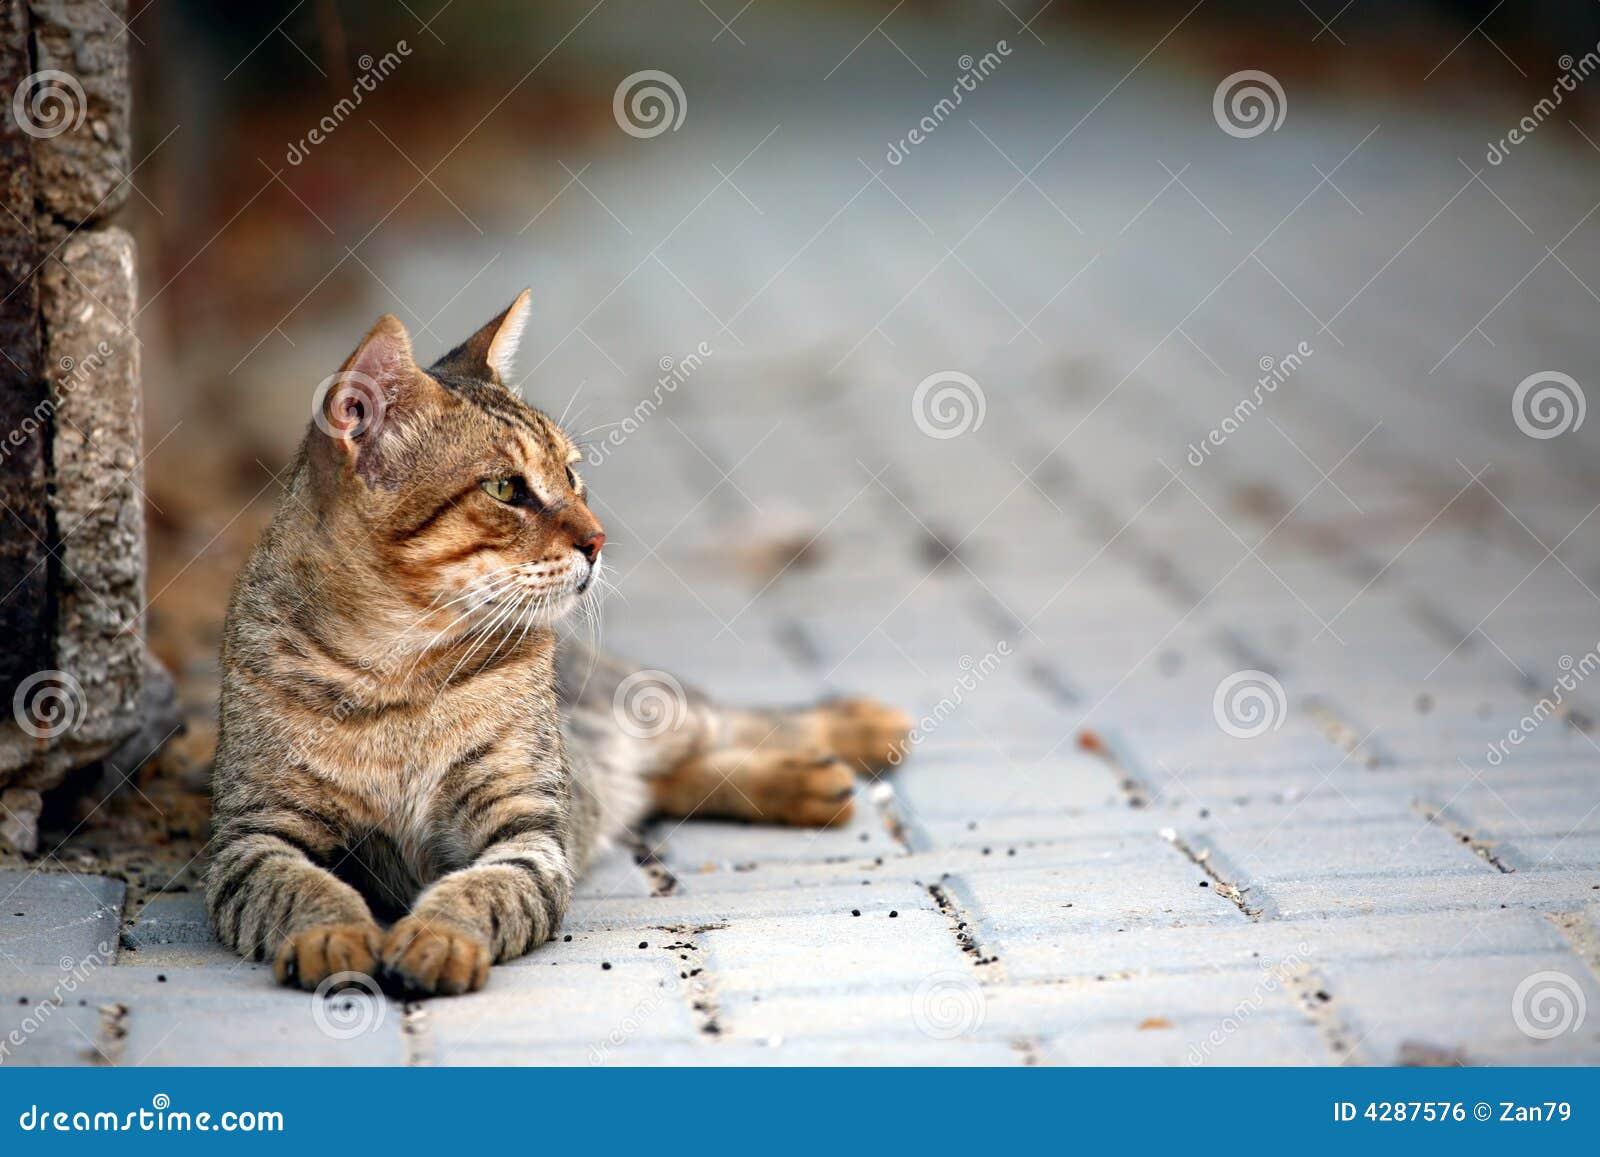 cat paw anatomy